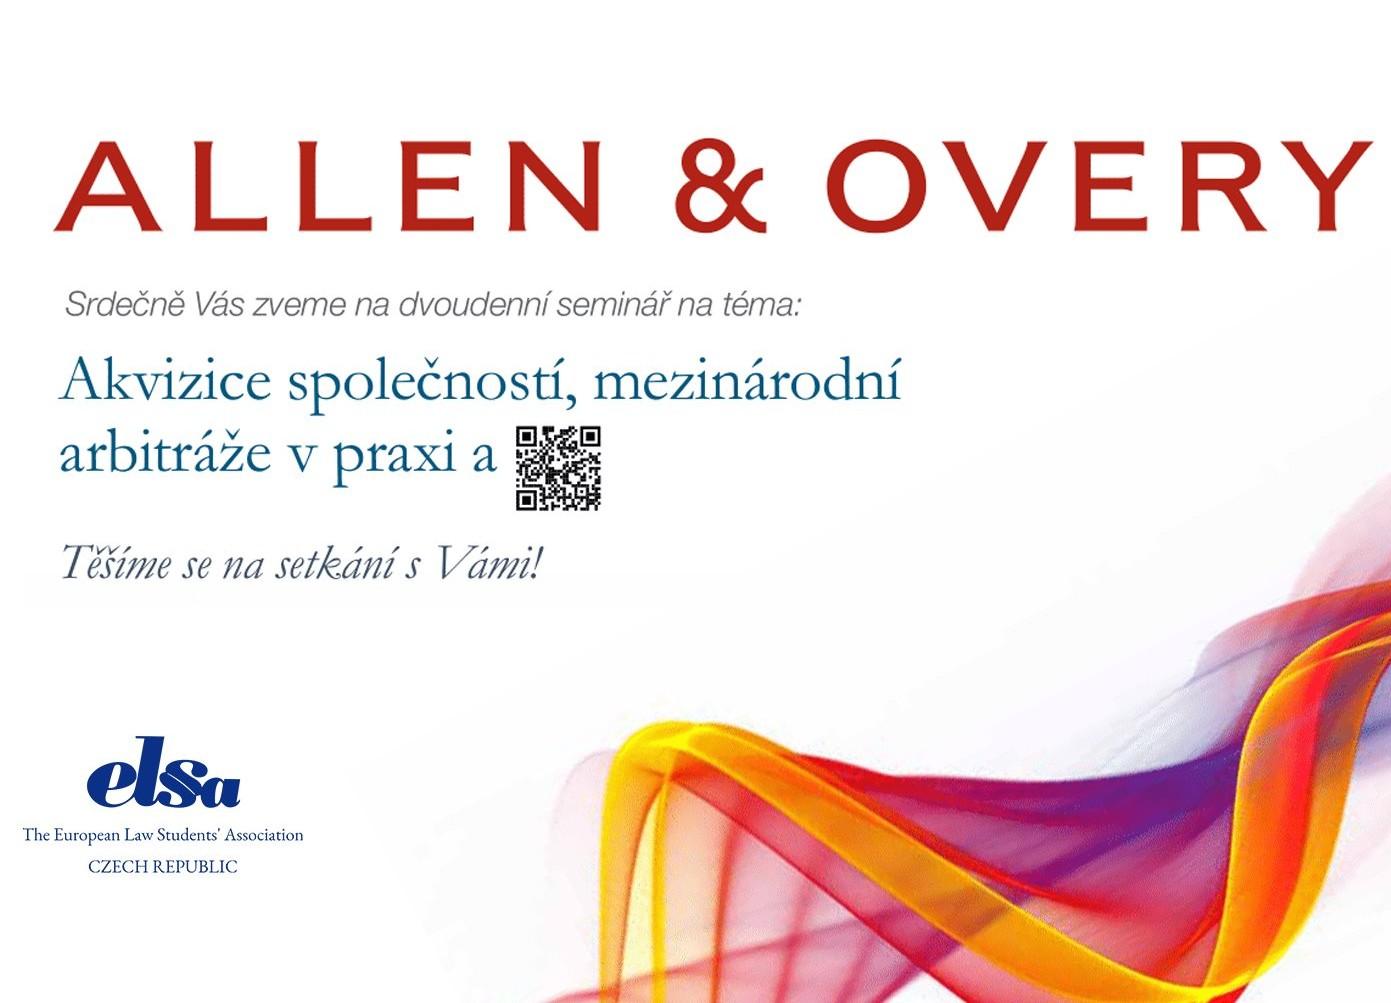 Allen & Overy Legal Workshop – Akvizice společností, mezinárodní arbitráže v praxi